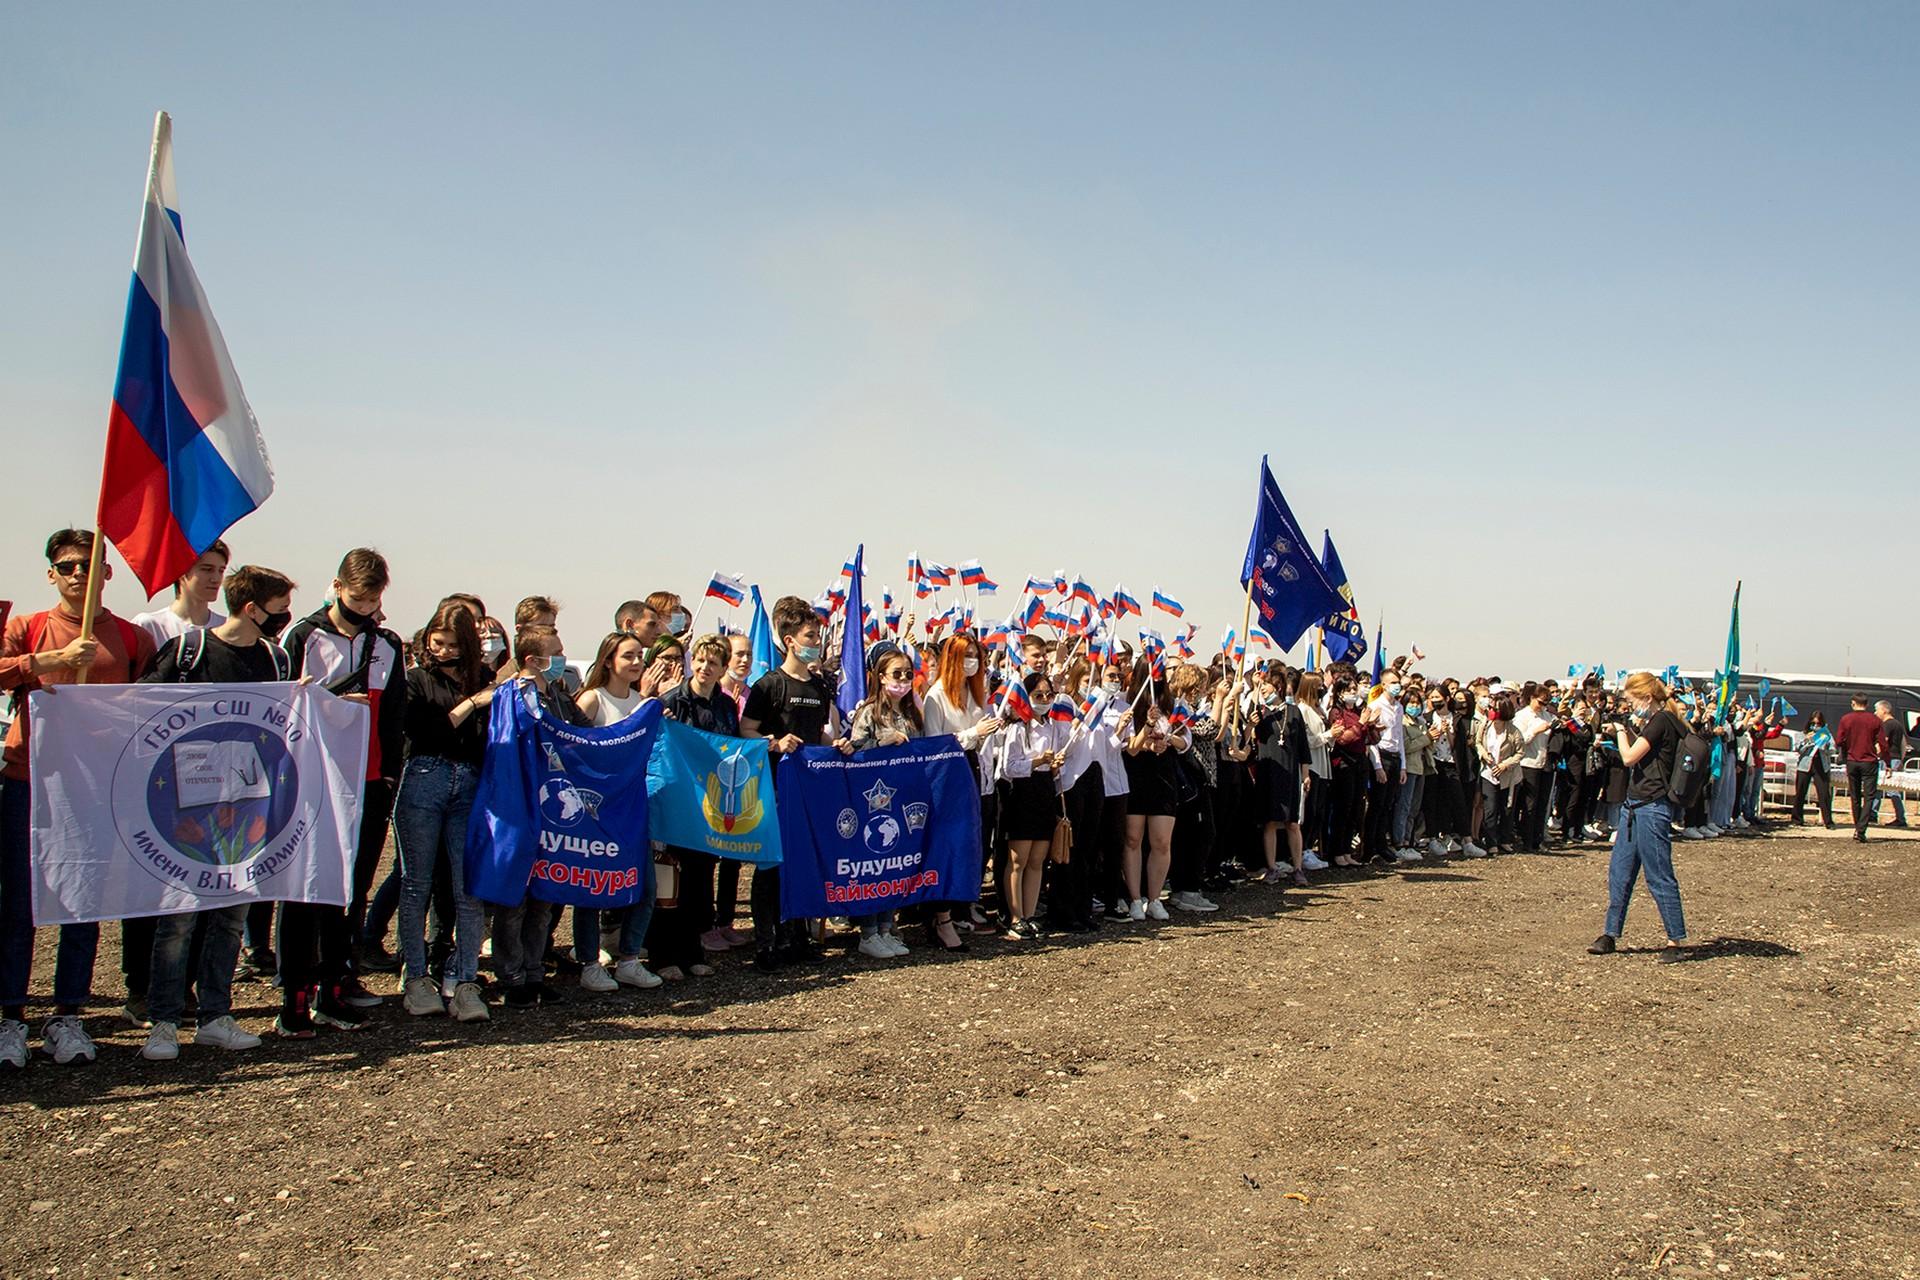 Актив городского движения детей и молодёжи «Будущее Байконура» побывал на запуске корабля «Ю.А. Гагарин» (Союз МС-18)